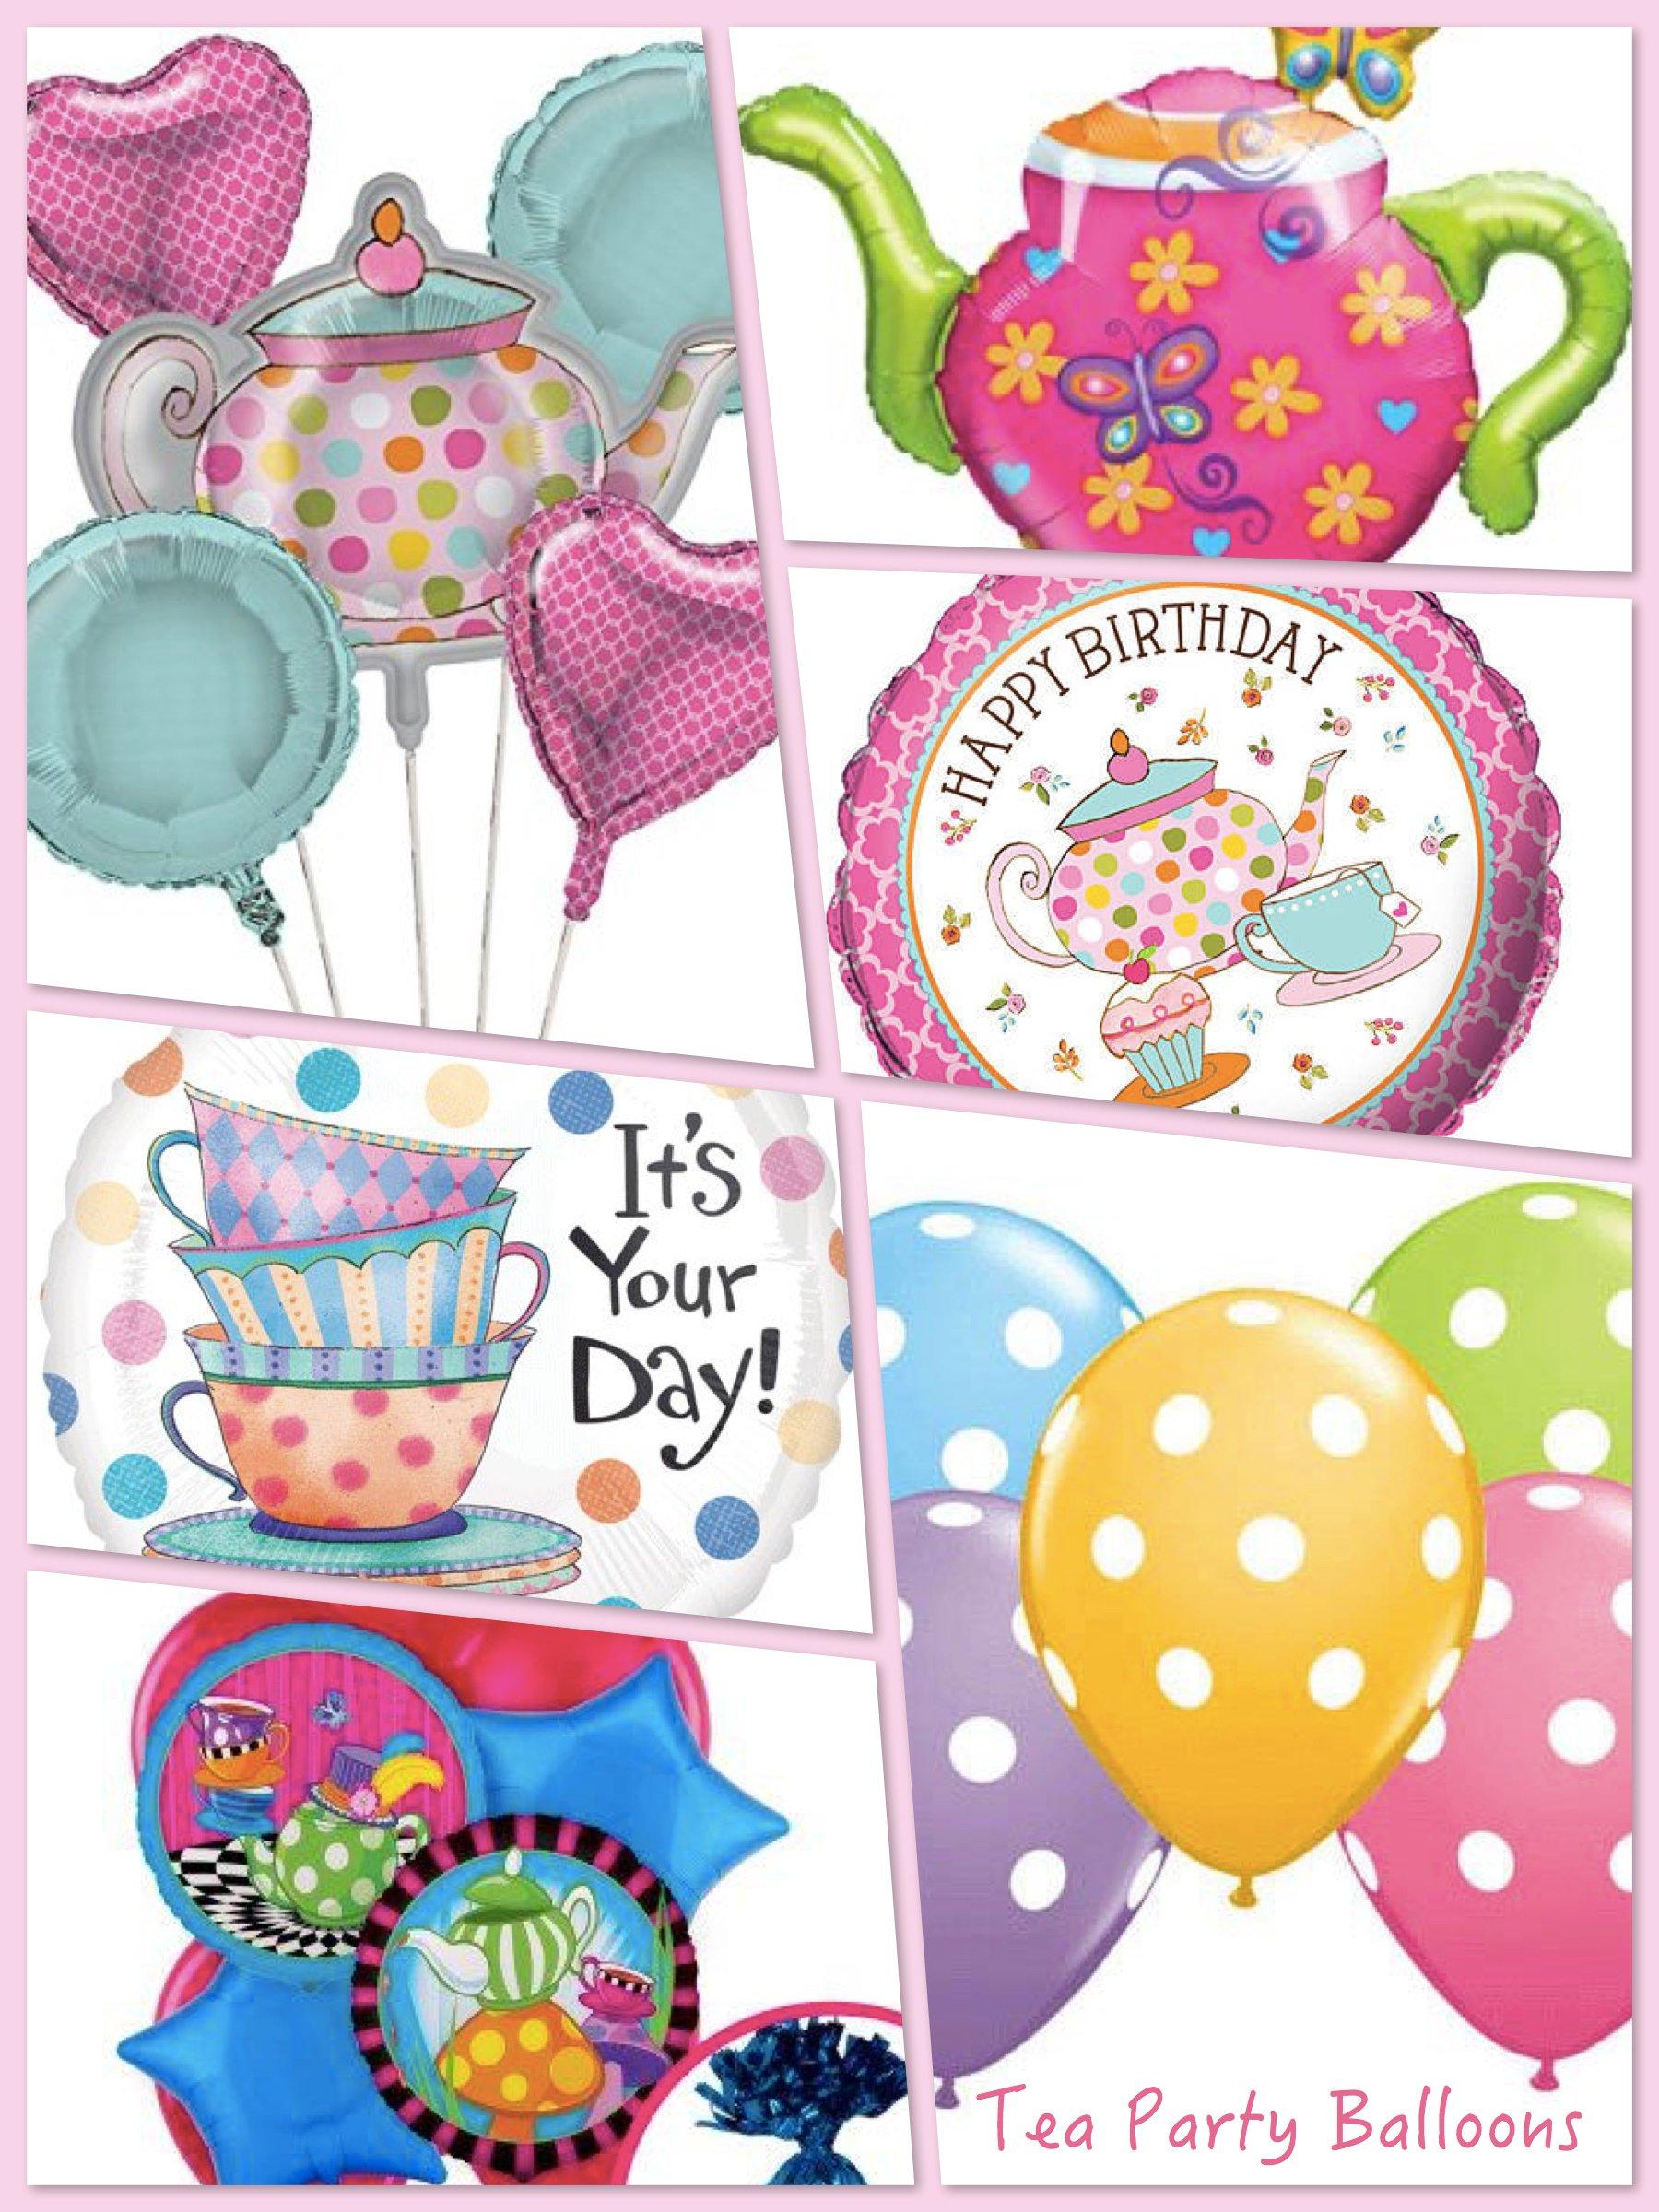 Tea Party Balloons